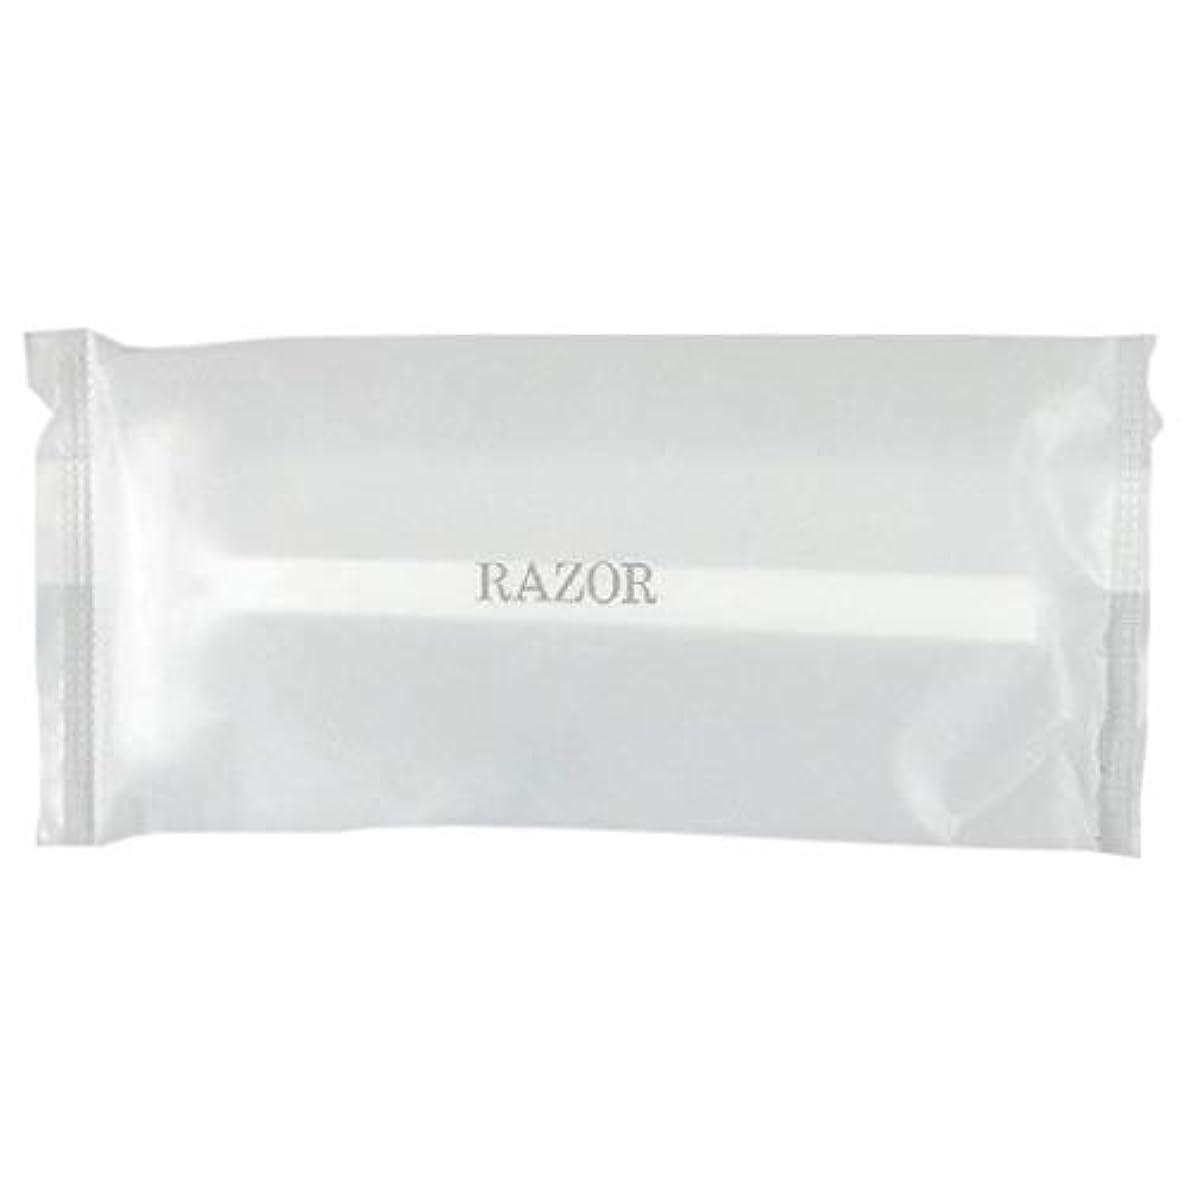 雨のアトム中毒カミソリ2枚刃 フェザーシティエース-4 マットOPP袋 50入